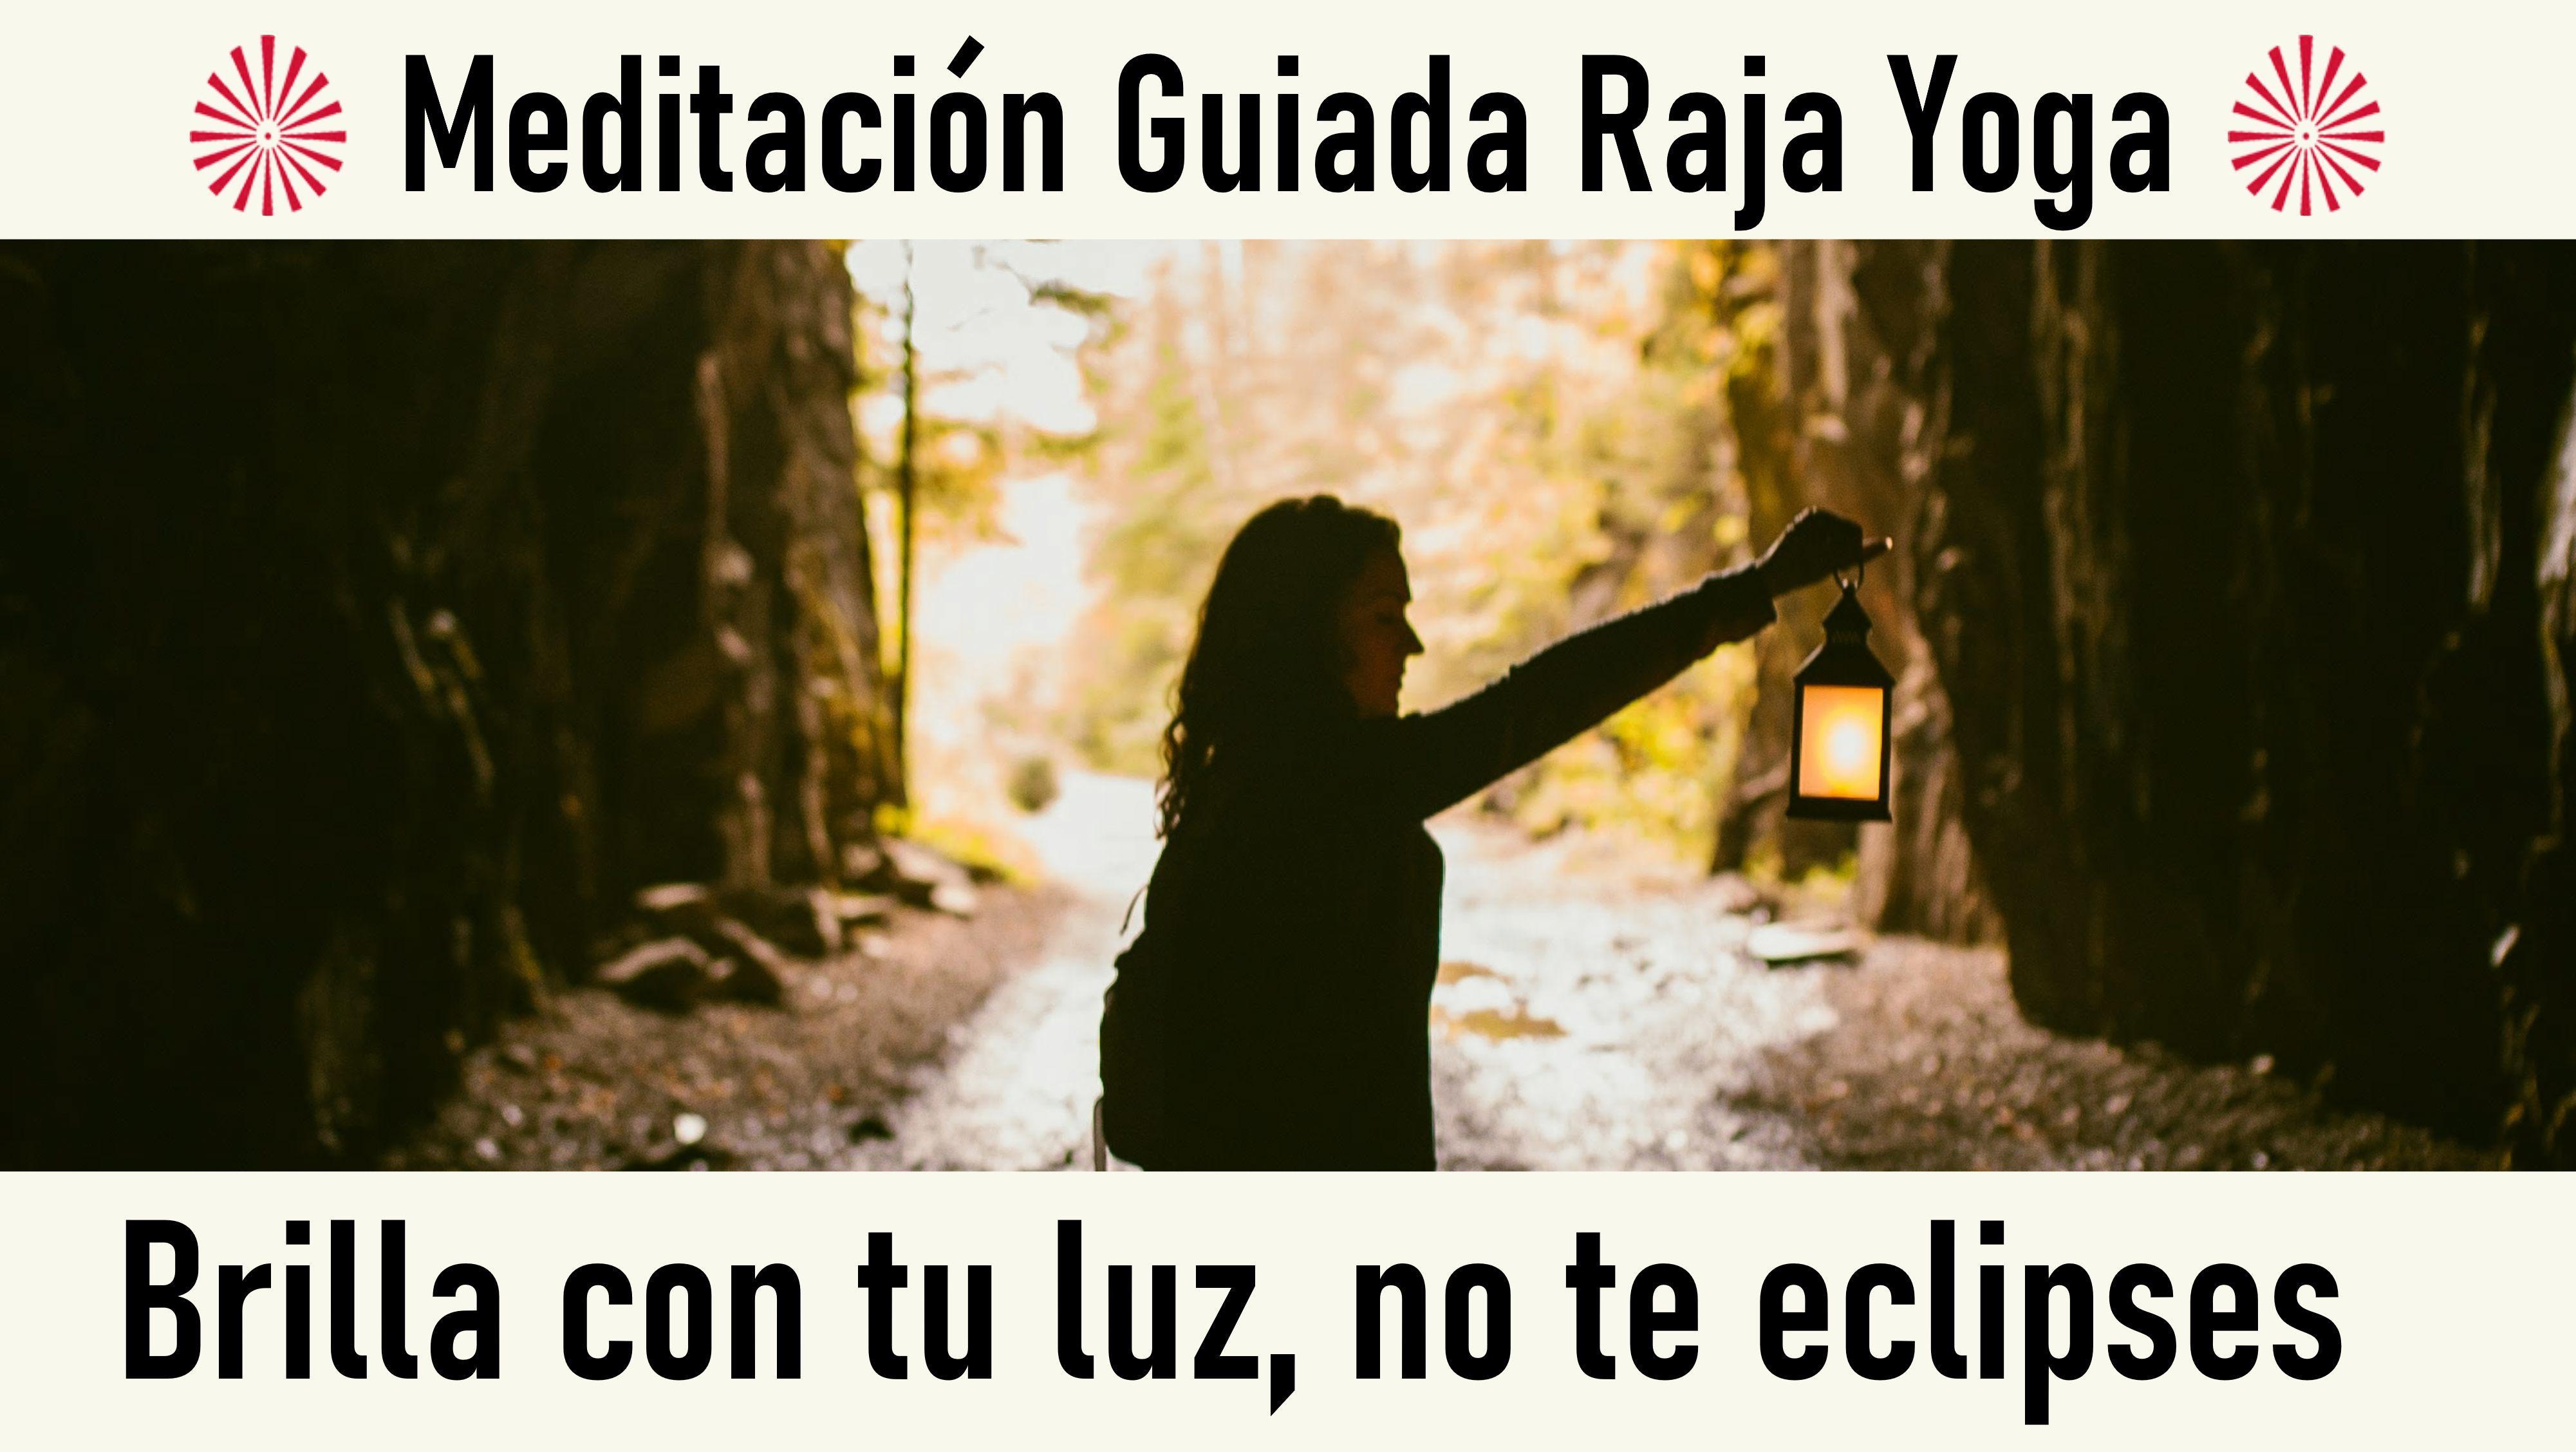 Meditación Raja Yoga: Brilla con tu luz, no te eclipses (3 Octubre 2020) On-line desde Valencia